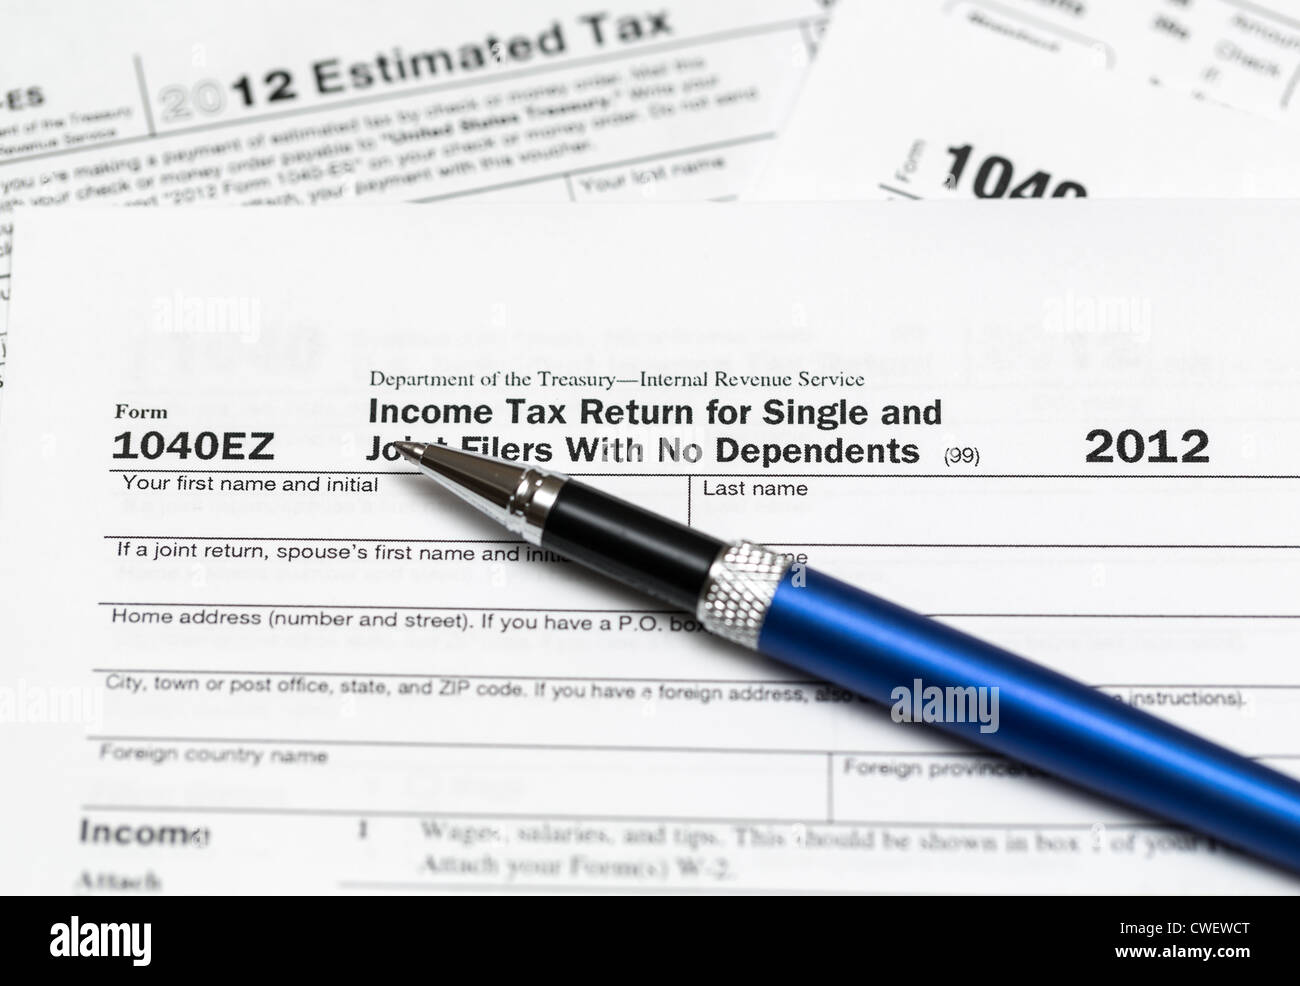 Form 1040ez Stock Photos & Form 1040ez Stock Images - Alamy